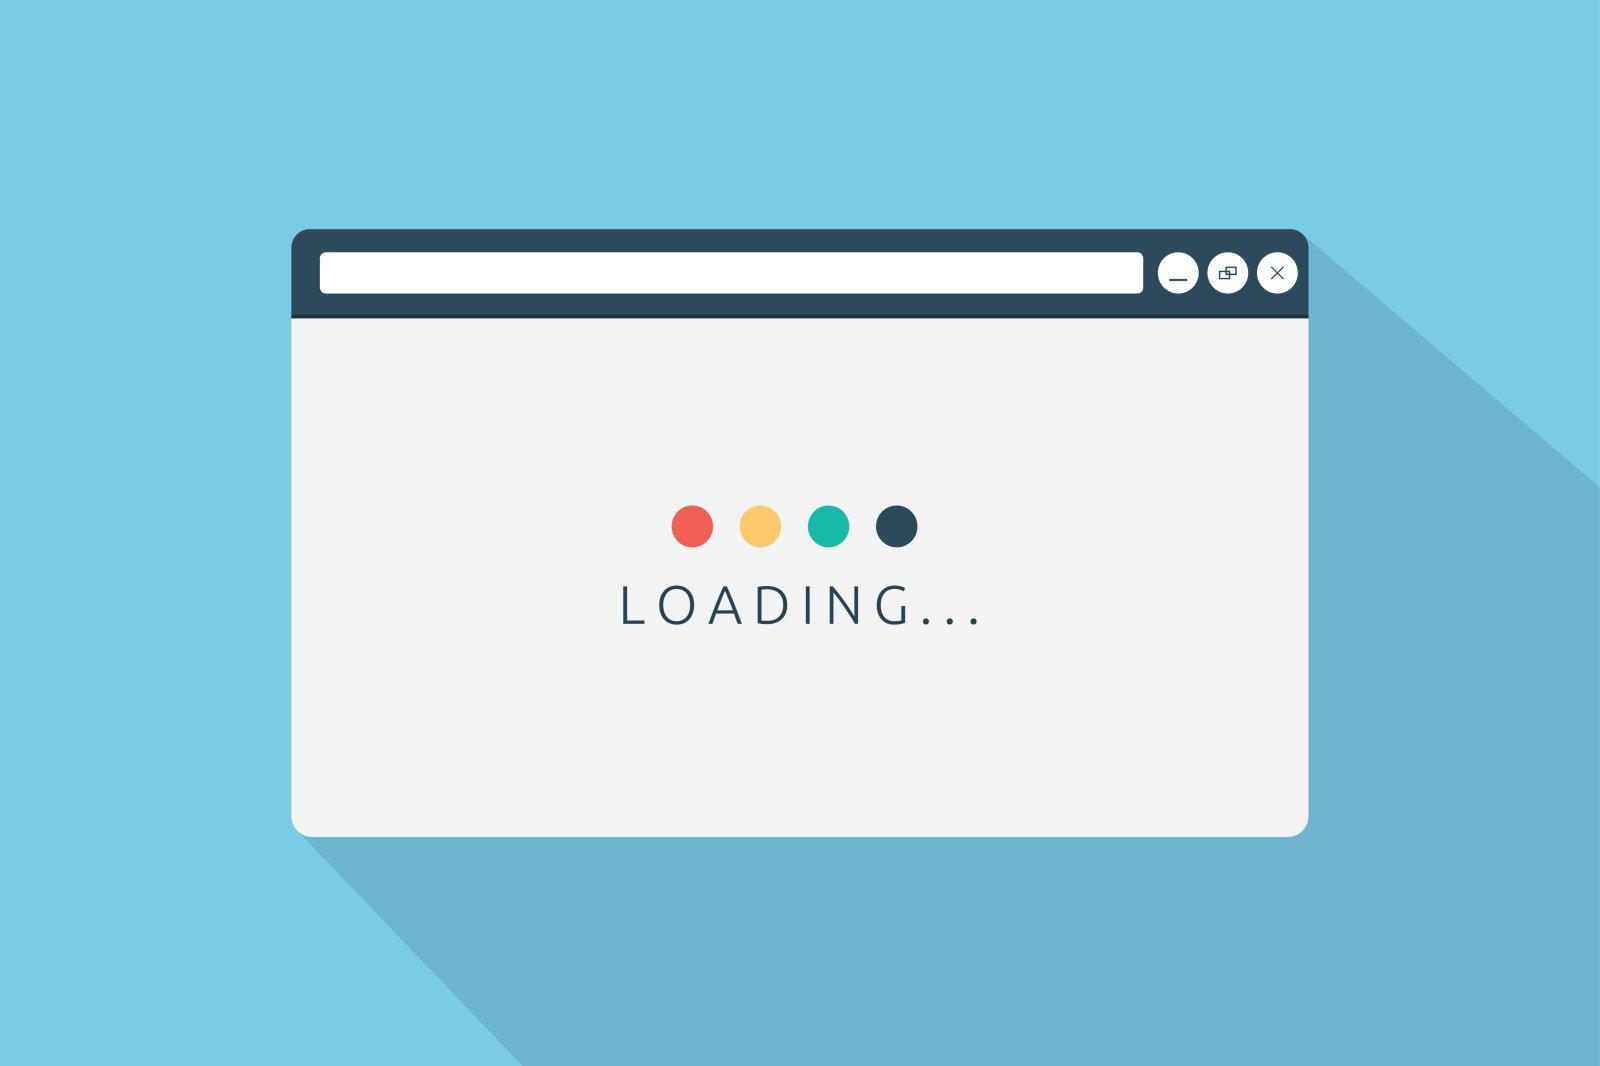 کروم سایتهای با سرعت بارگذاری آهسته را علامتگذاری میکند 1